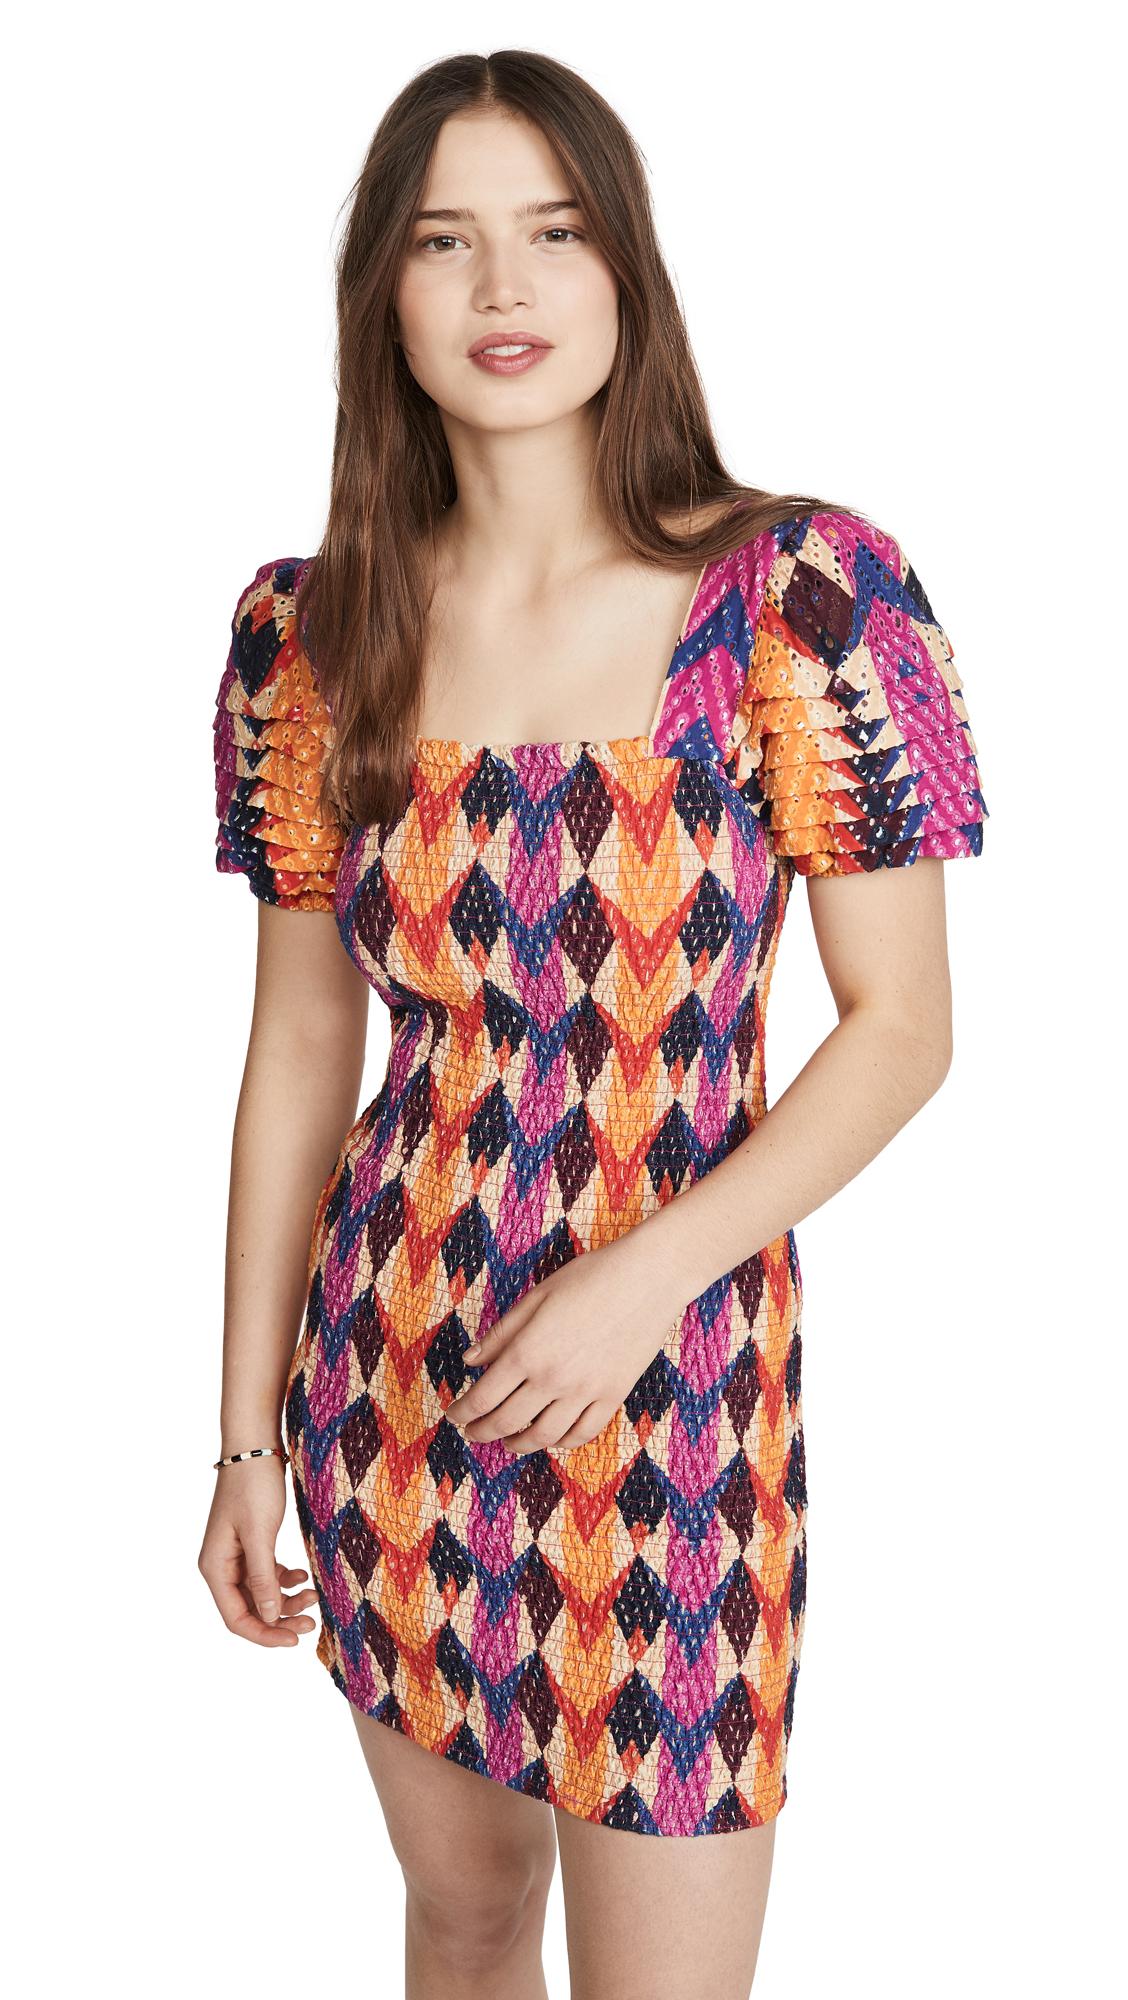 FARM Rio Lindeza Grafica Mini Dress